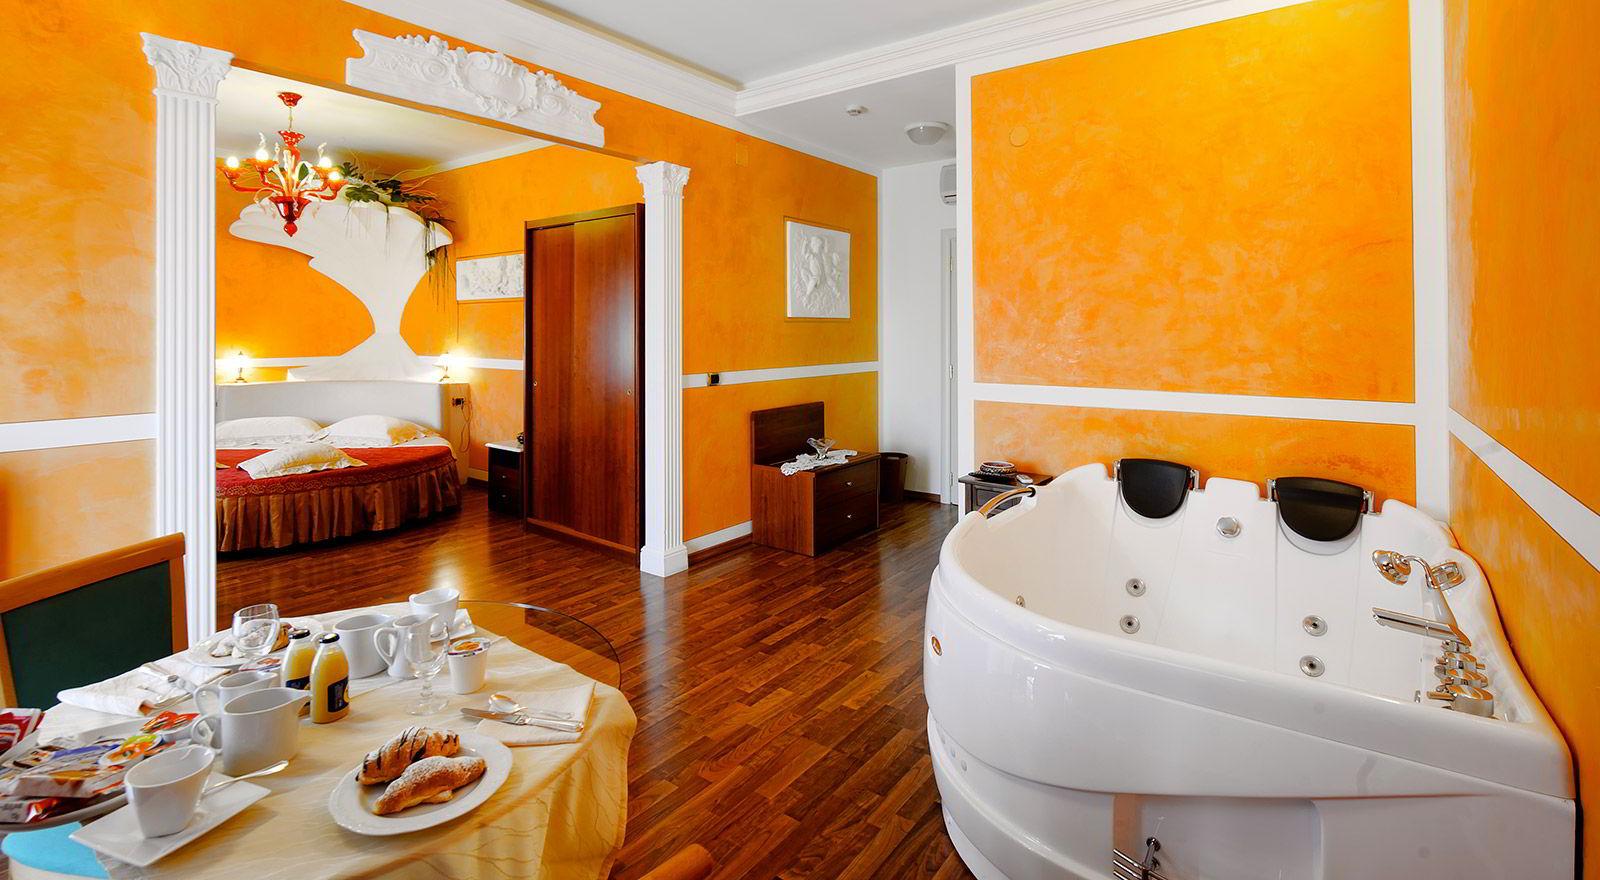 Suite con Vasca Idromassaggio in Umbria - Camere con Vasca ...